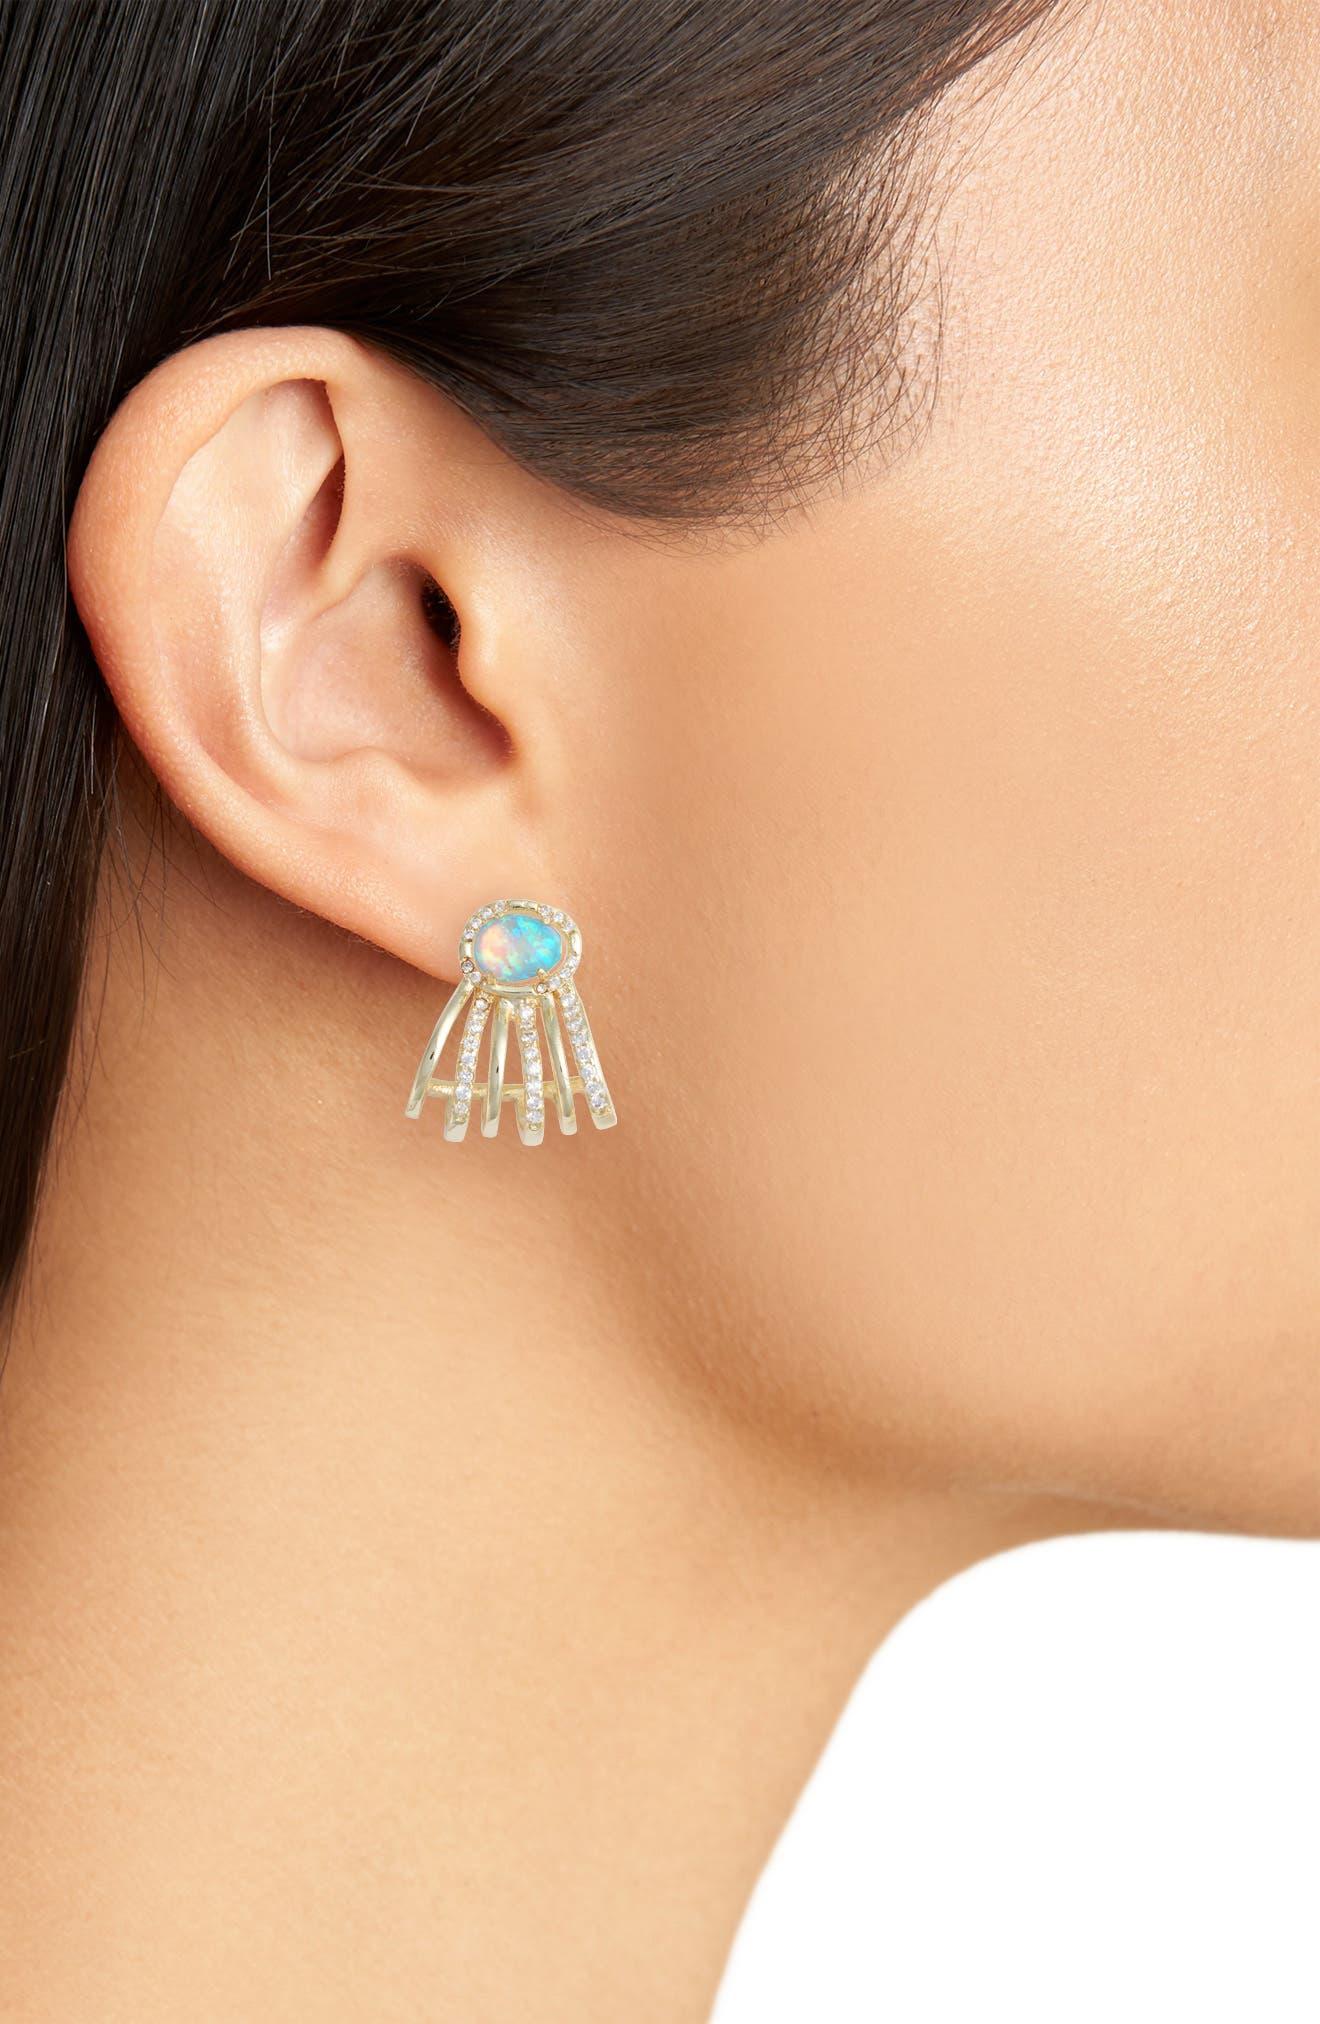 James Opal Earrings,                             Alternate thumbnail 2, color,                             Opal/ Crystal